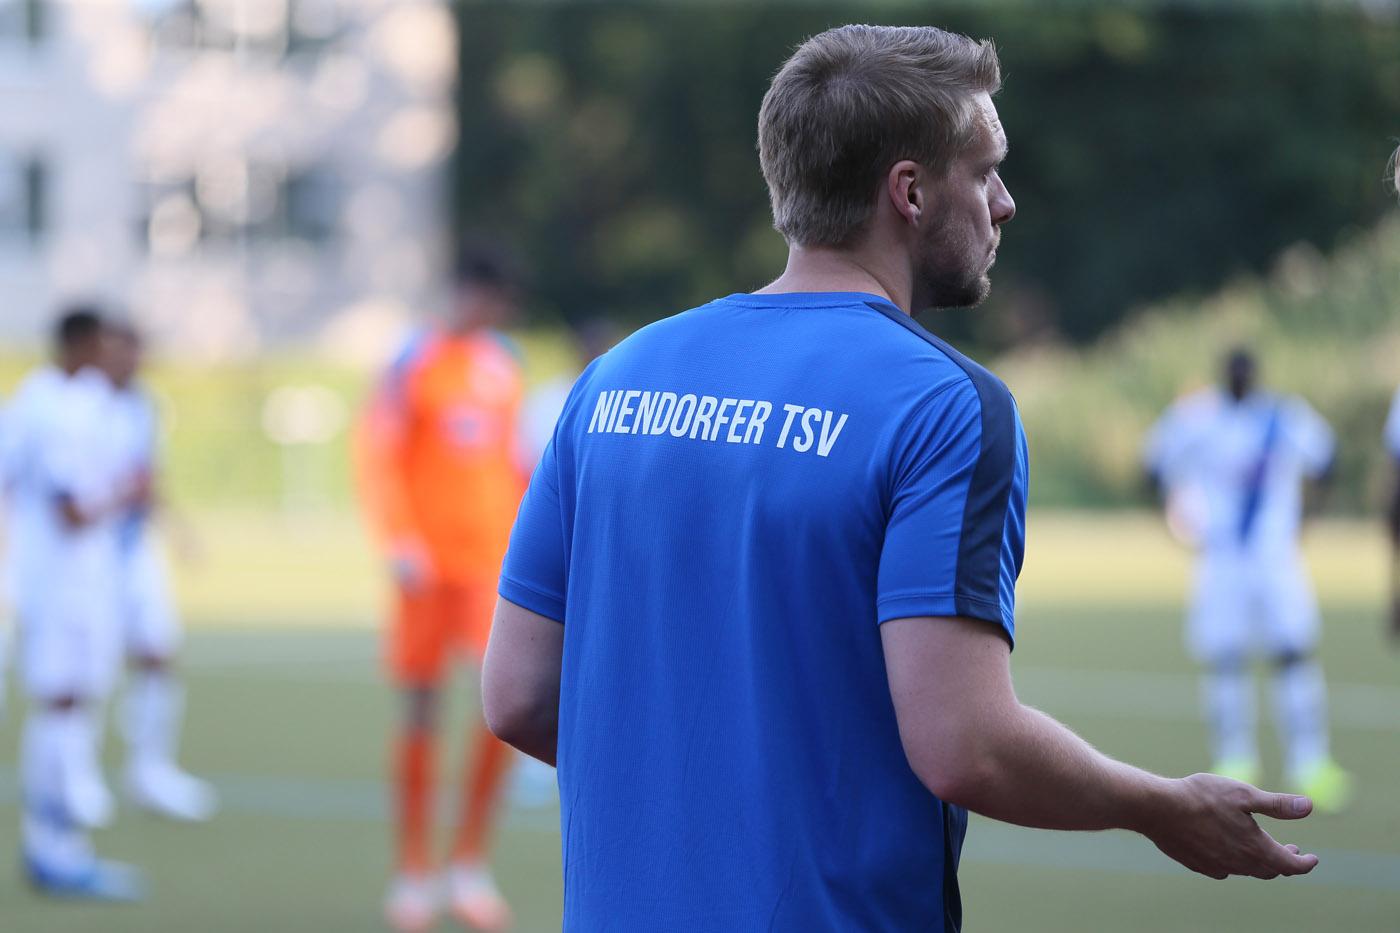 Niendorfer TSV Fußballtrainer